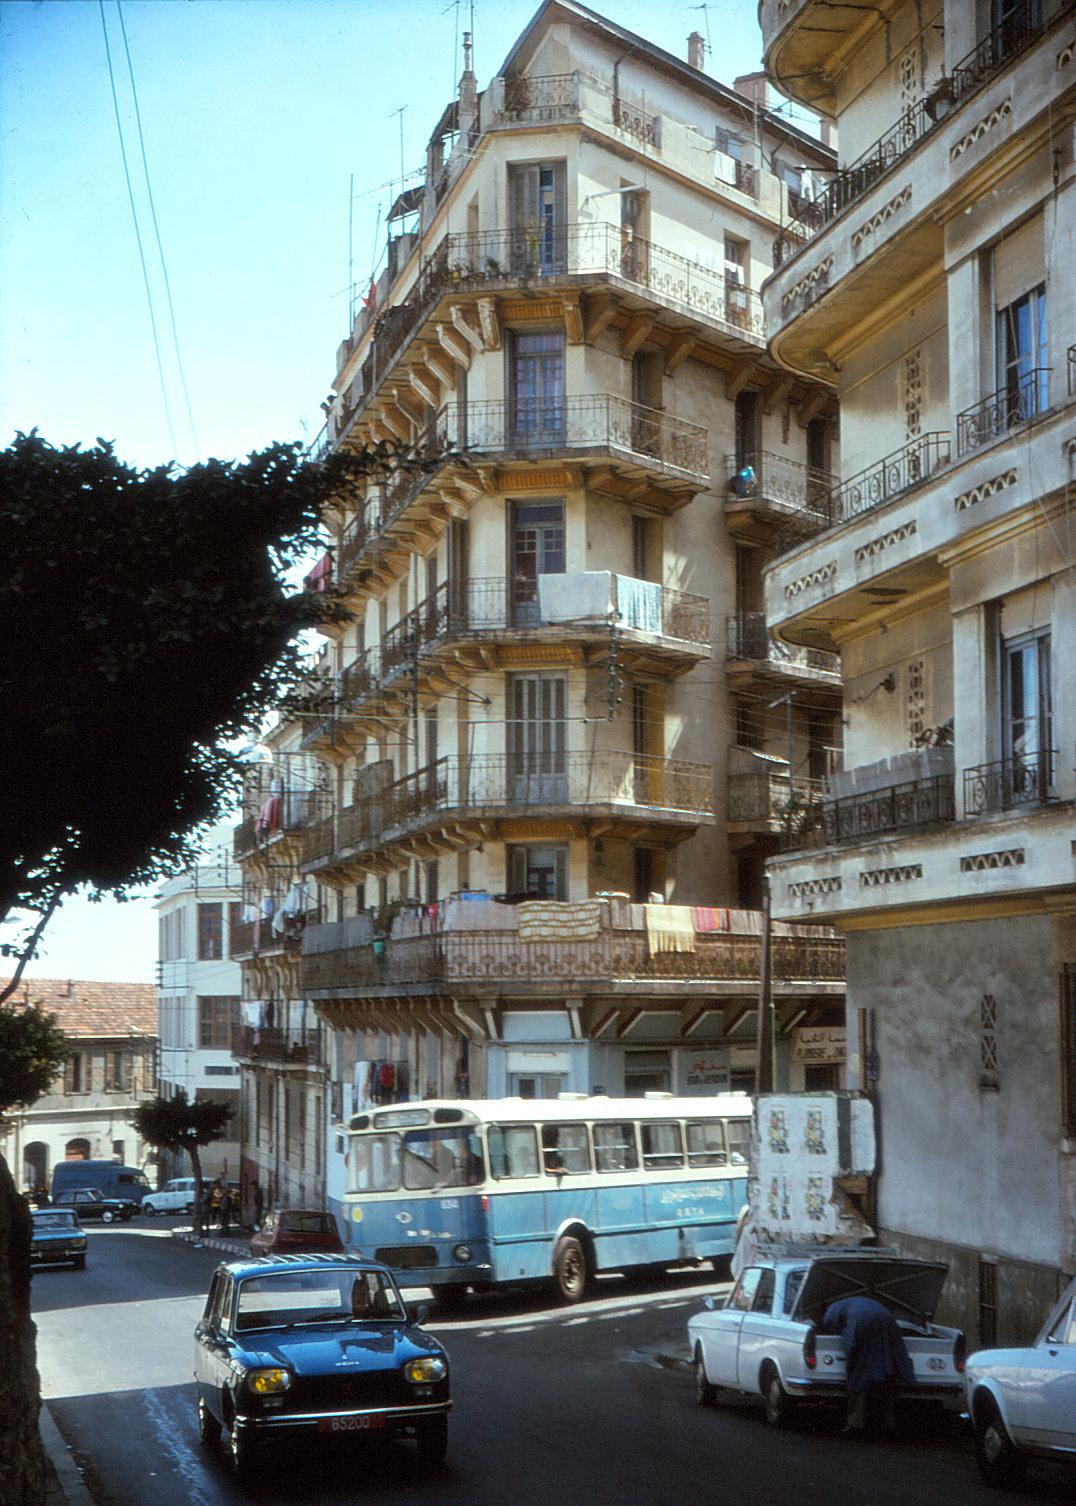 12-Bab El Oued